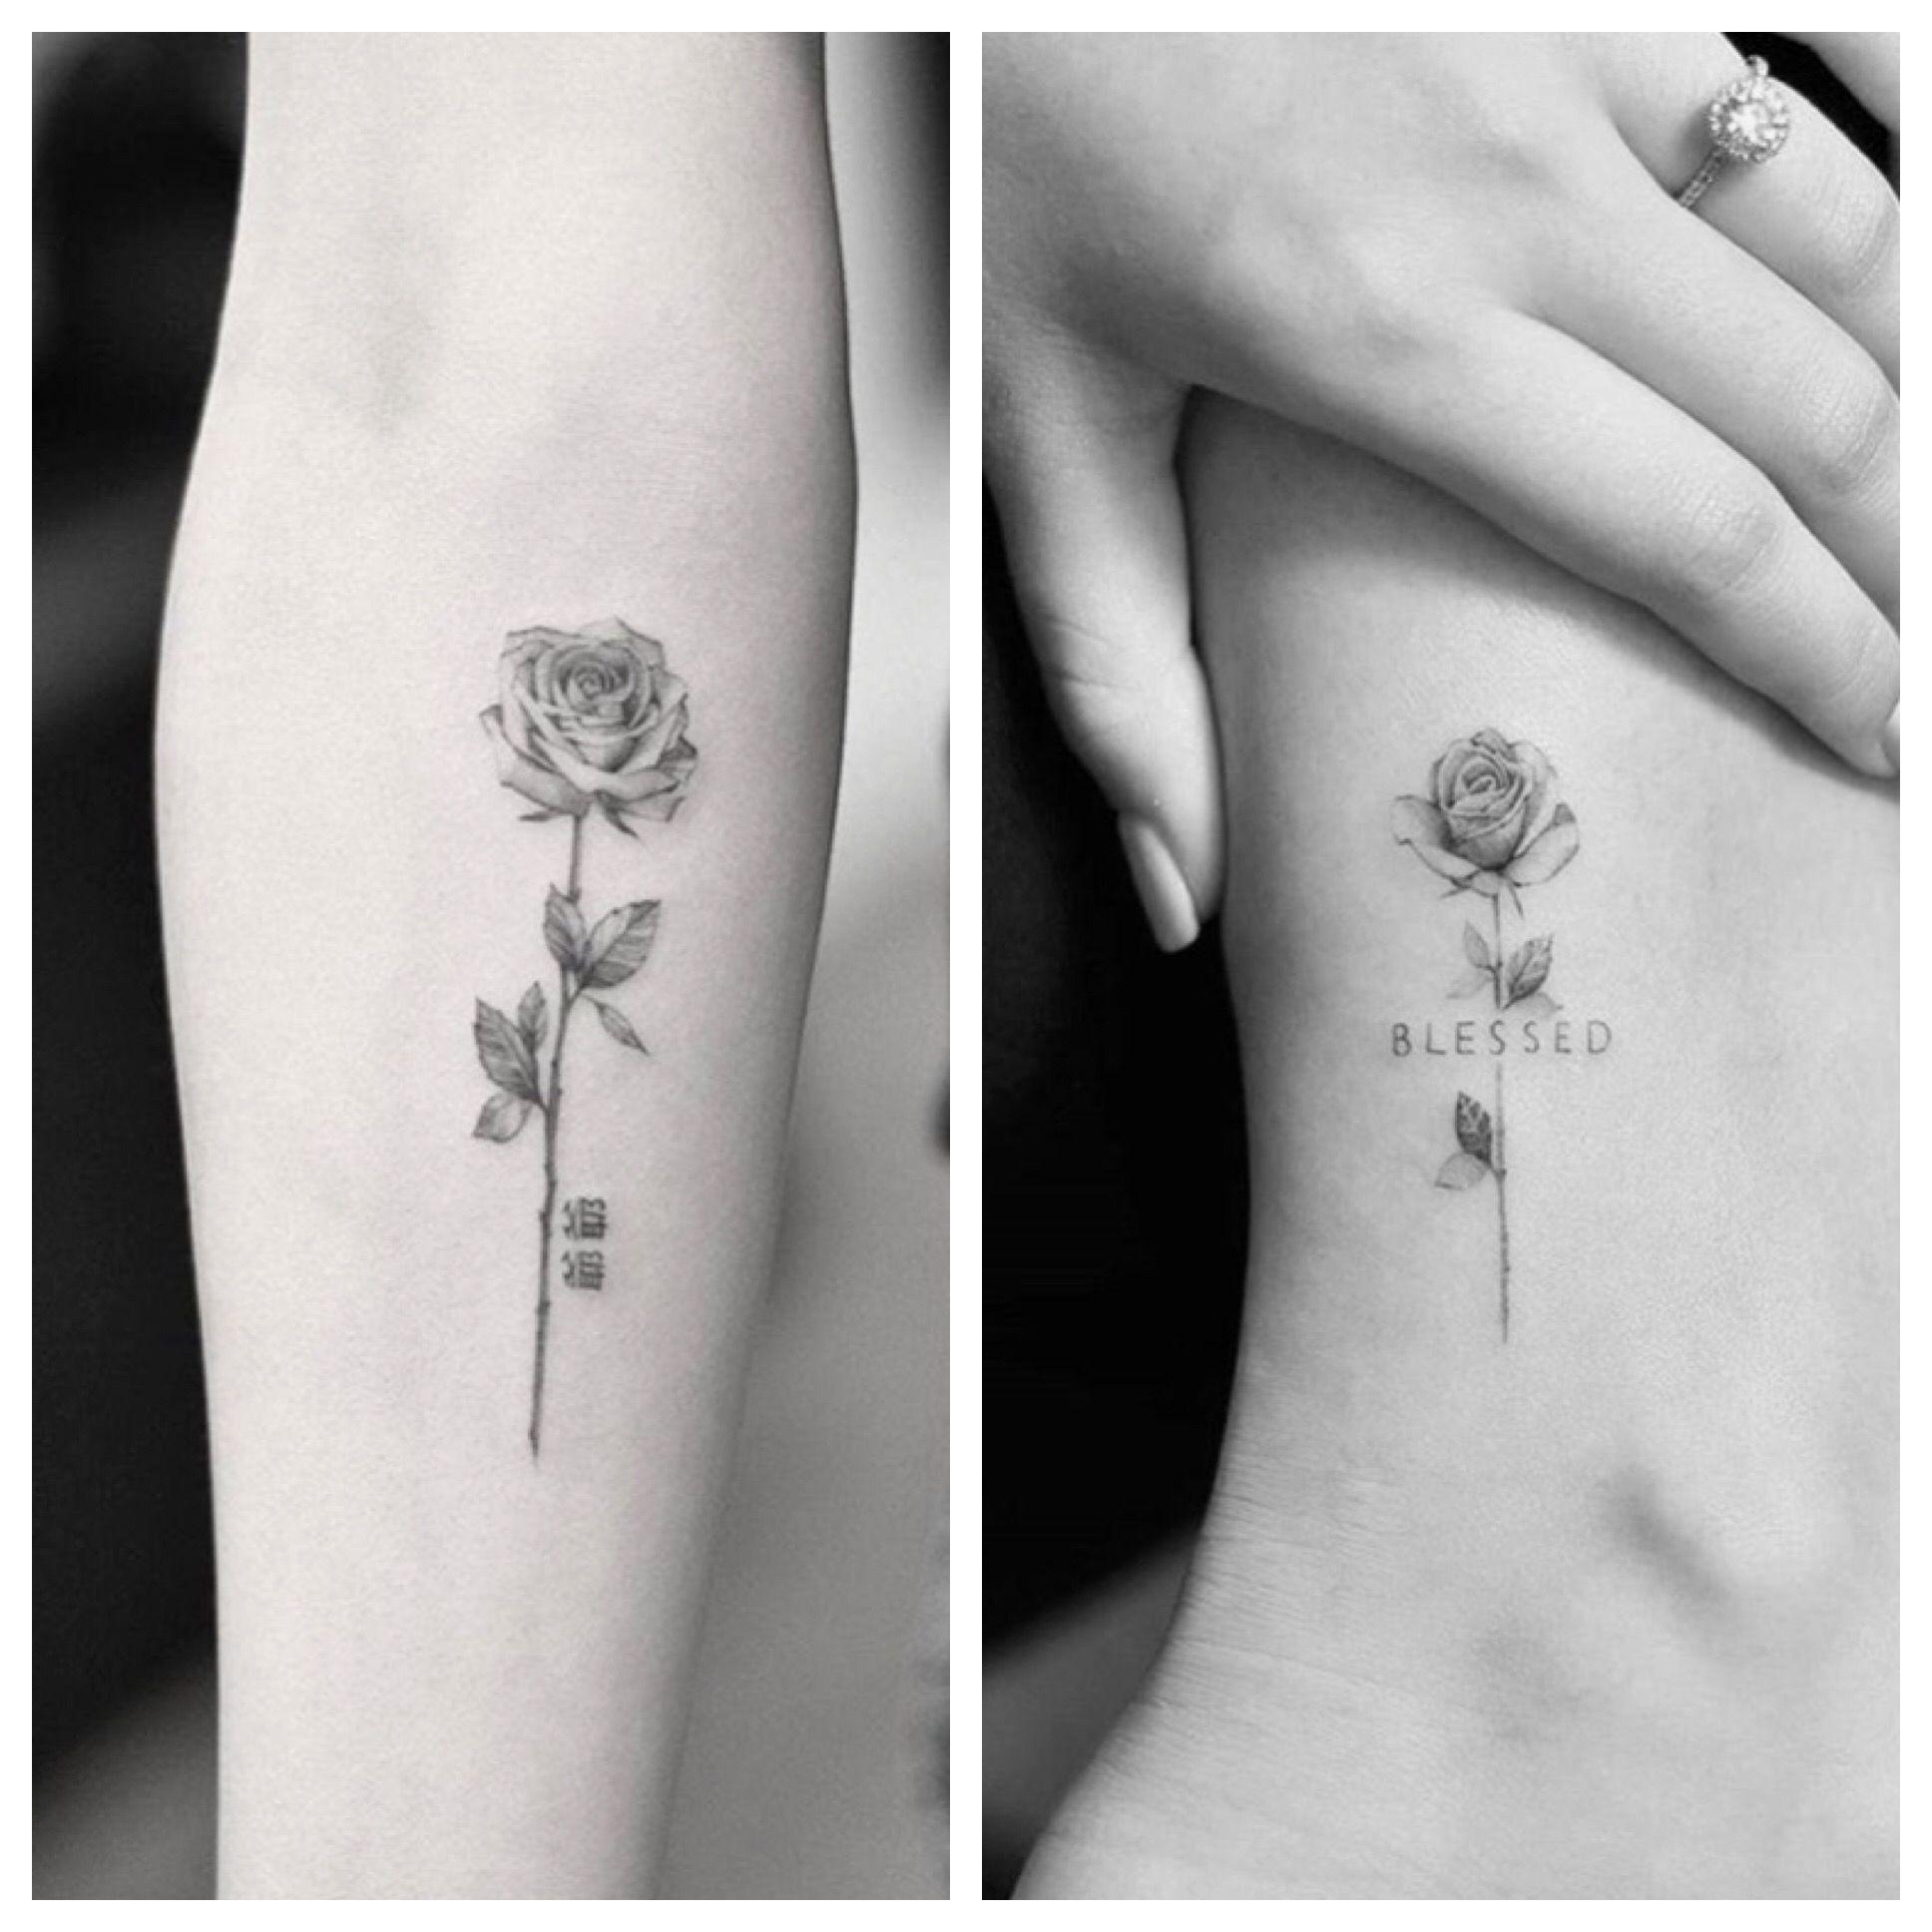 Pin By Gabriela Ferreira On Ink Tattoos Wrist Tattoos Small Wrist Tattoos